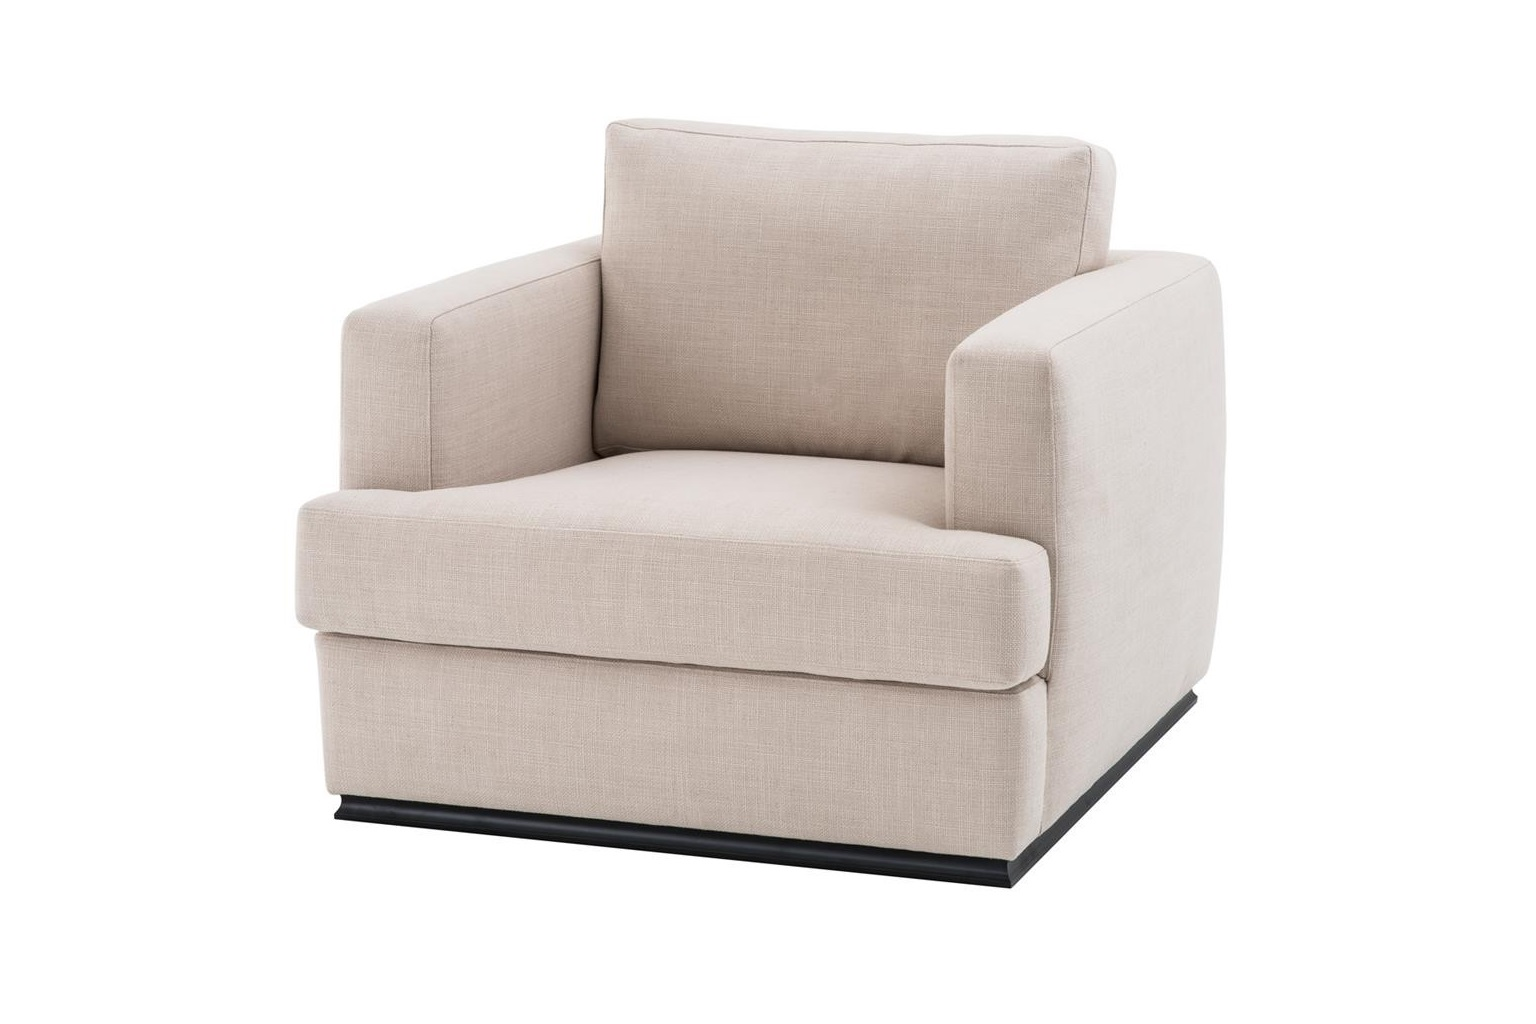 Кресло HallandaleИнтерьерные кресла<br><br><br>Material: Текстиль<br>Width см: 103<br>Depth см: 96<br>Height см: 86